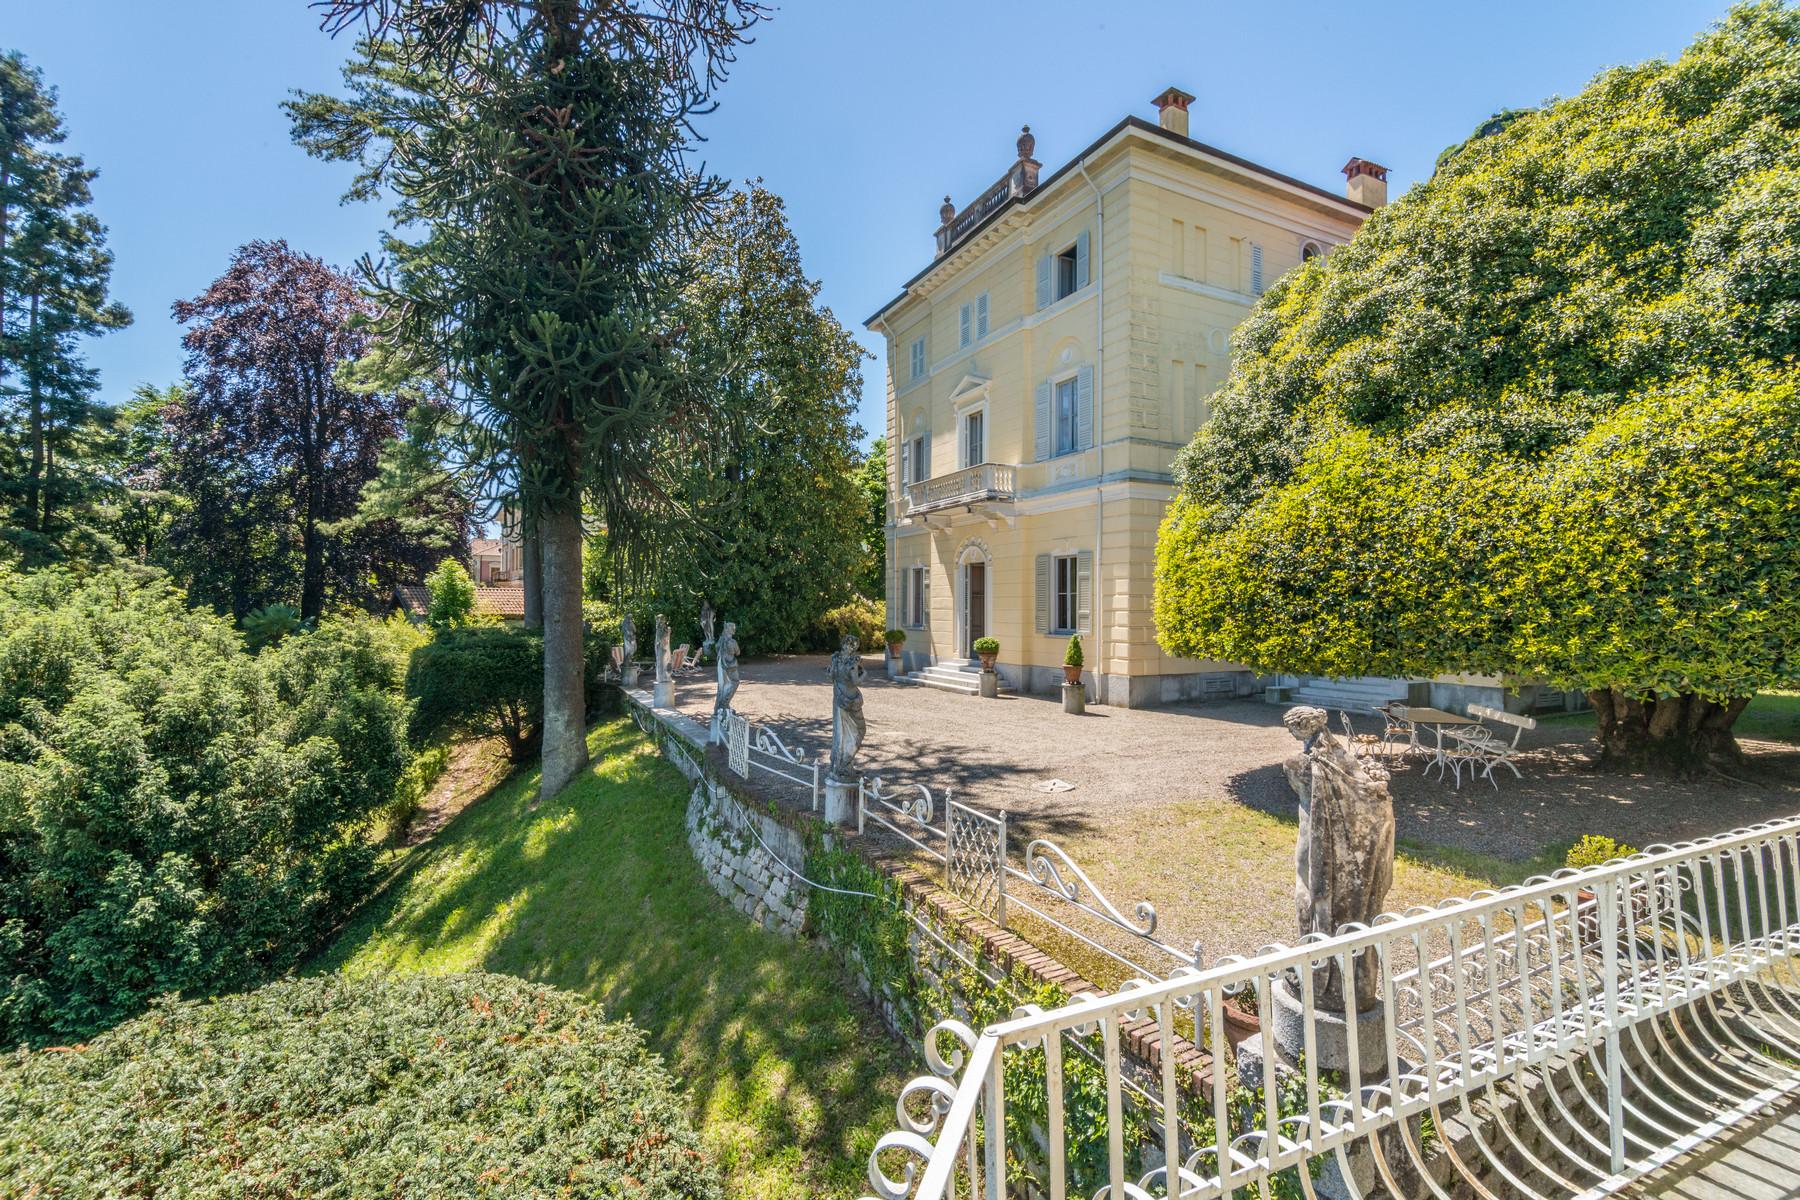 Property for Sale at Enchanting Villa overlooking Orta Lake Pella, Novara Italy